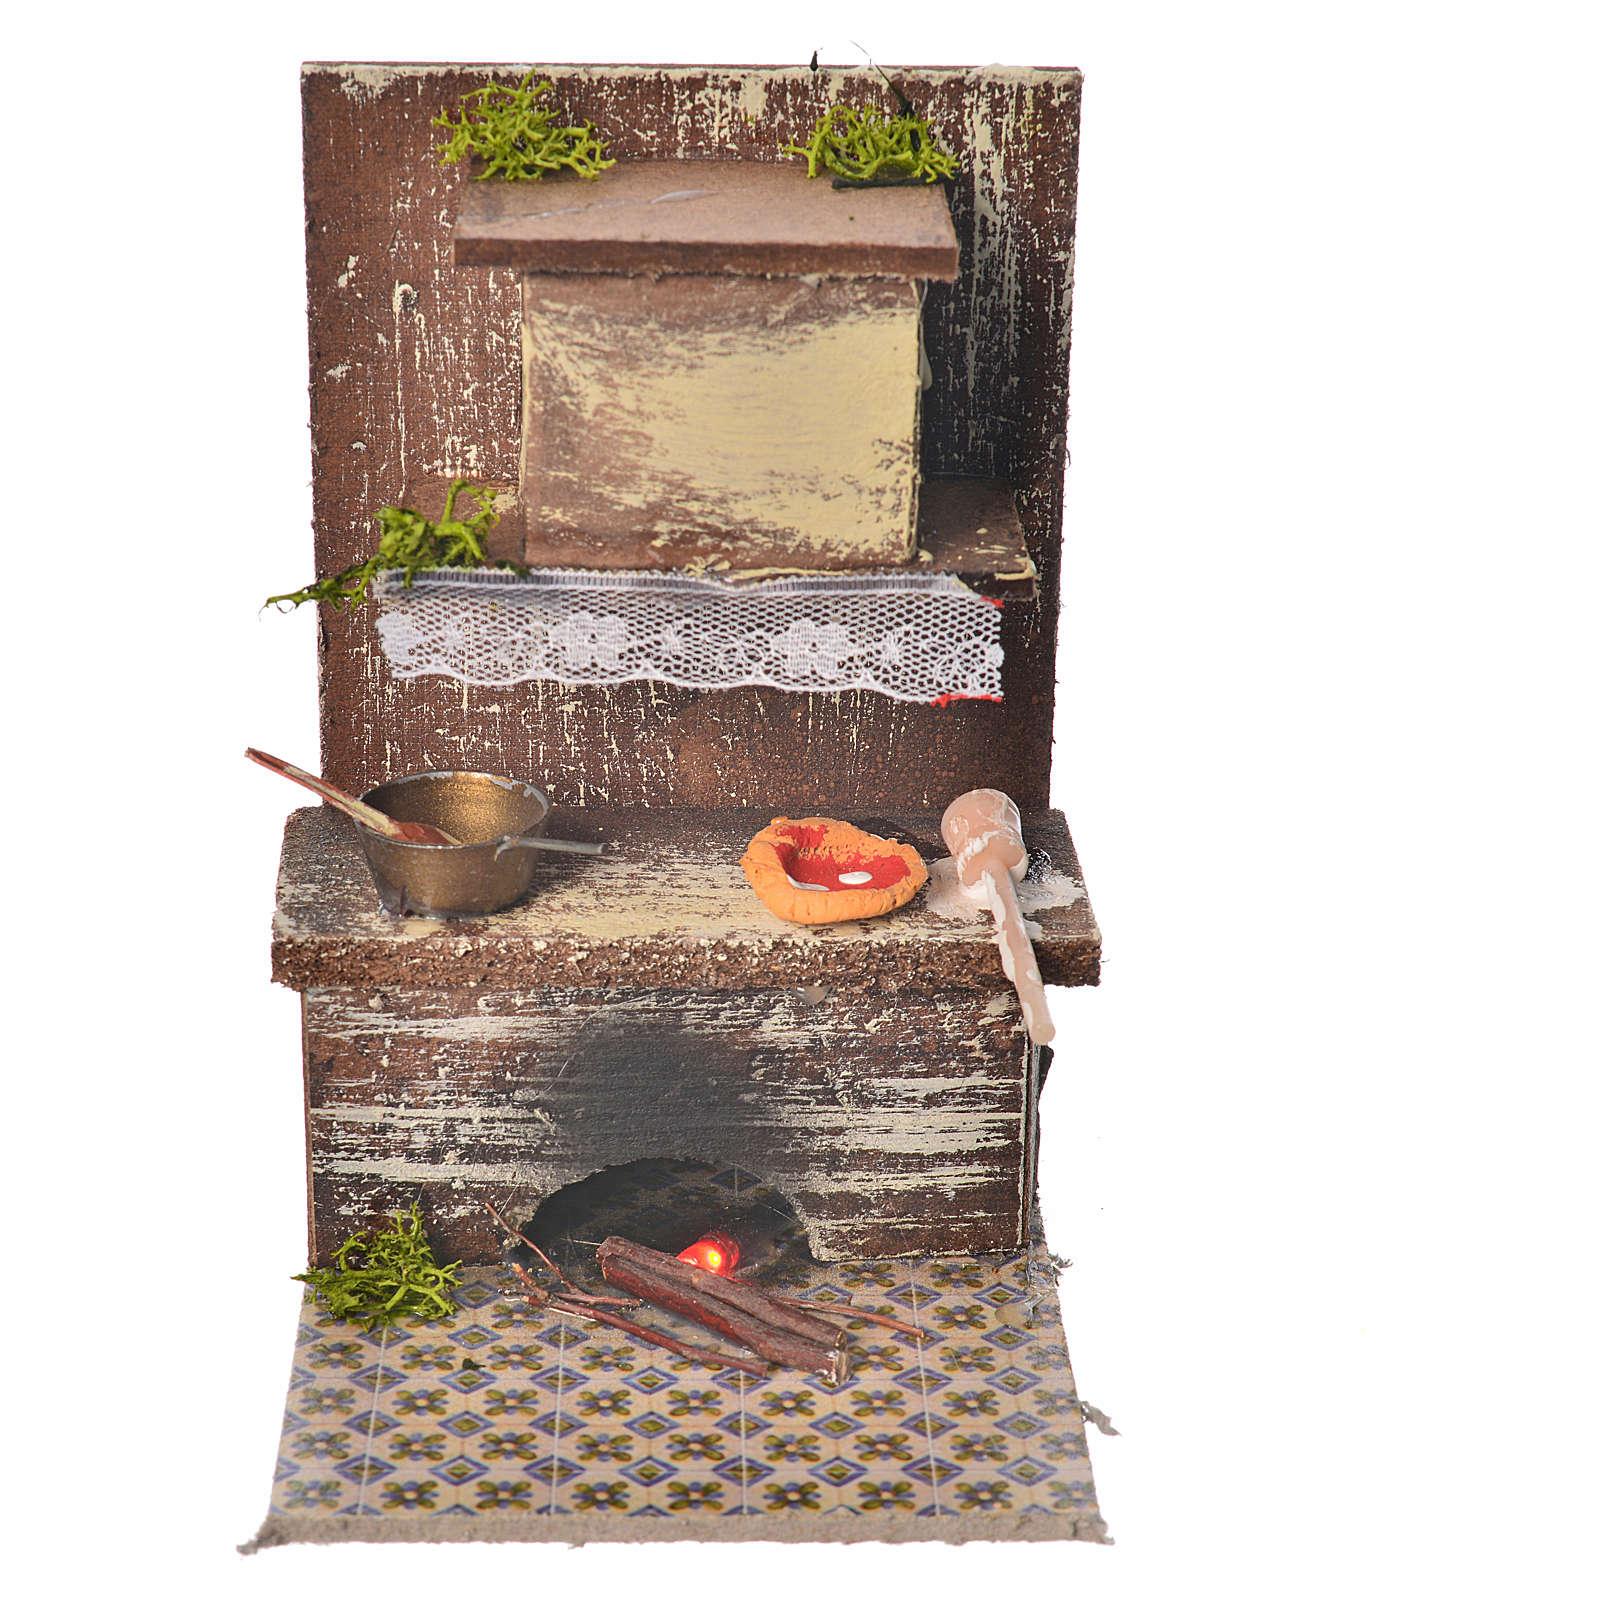 Cucina con 1 led rosso tremolante cm 9x9,5x15 4